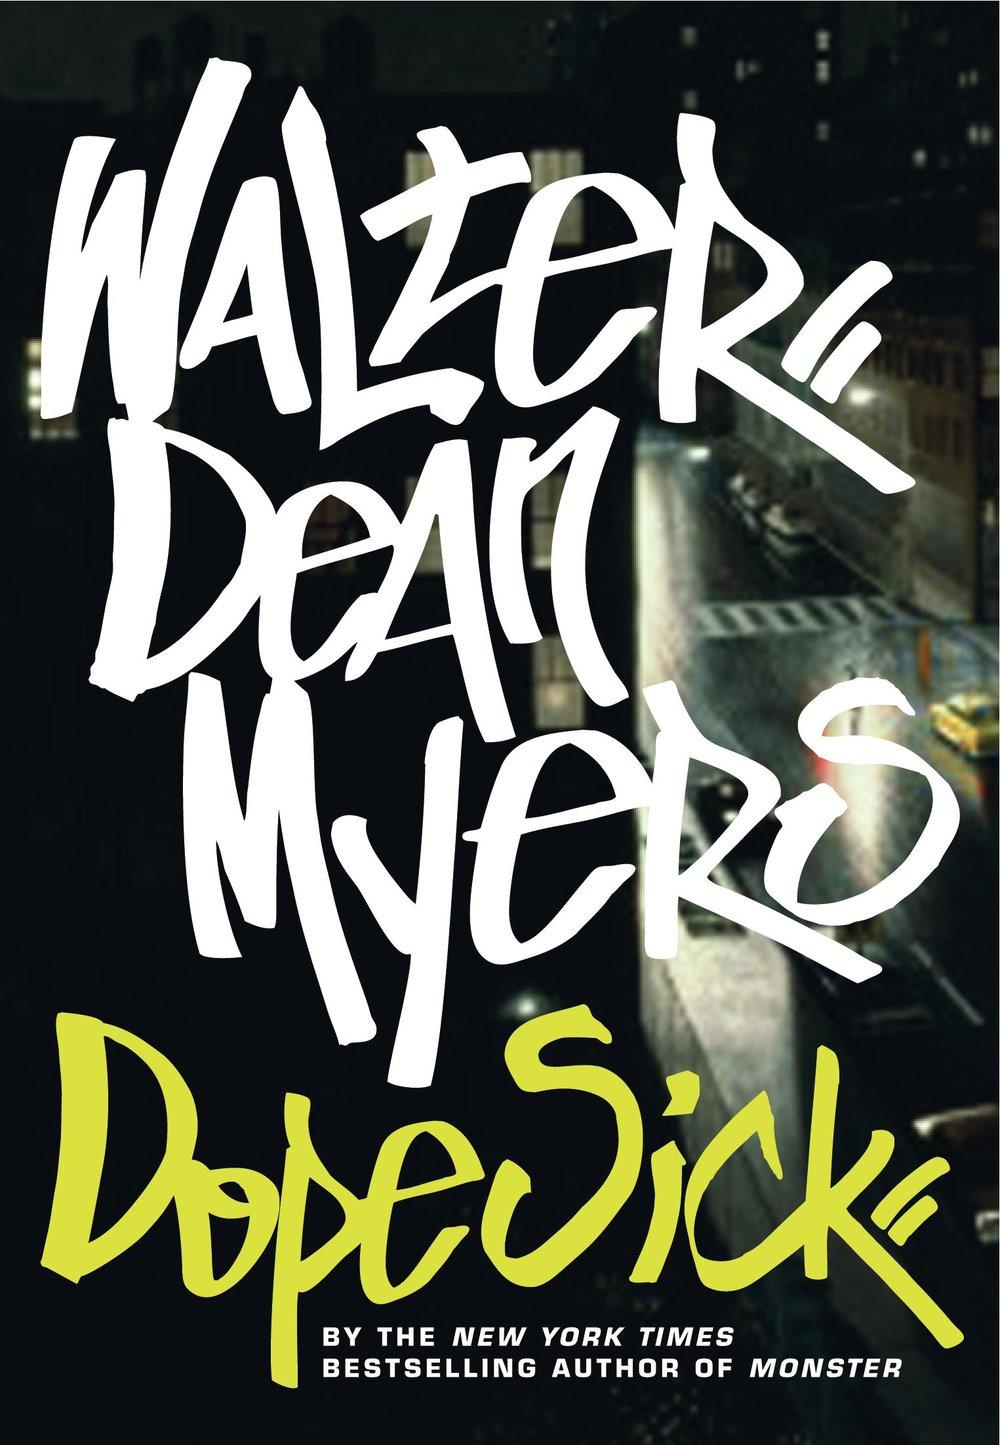 Walter Dean Myers